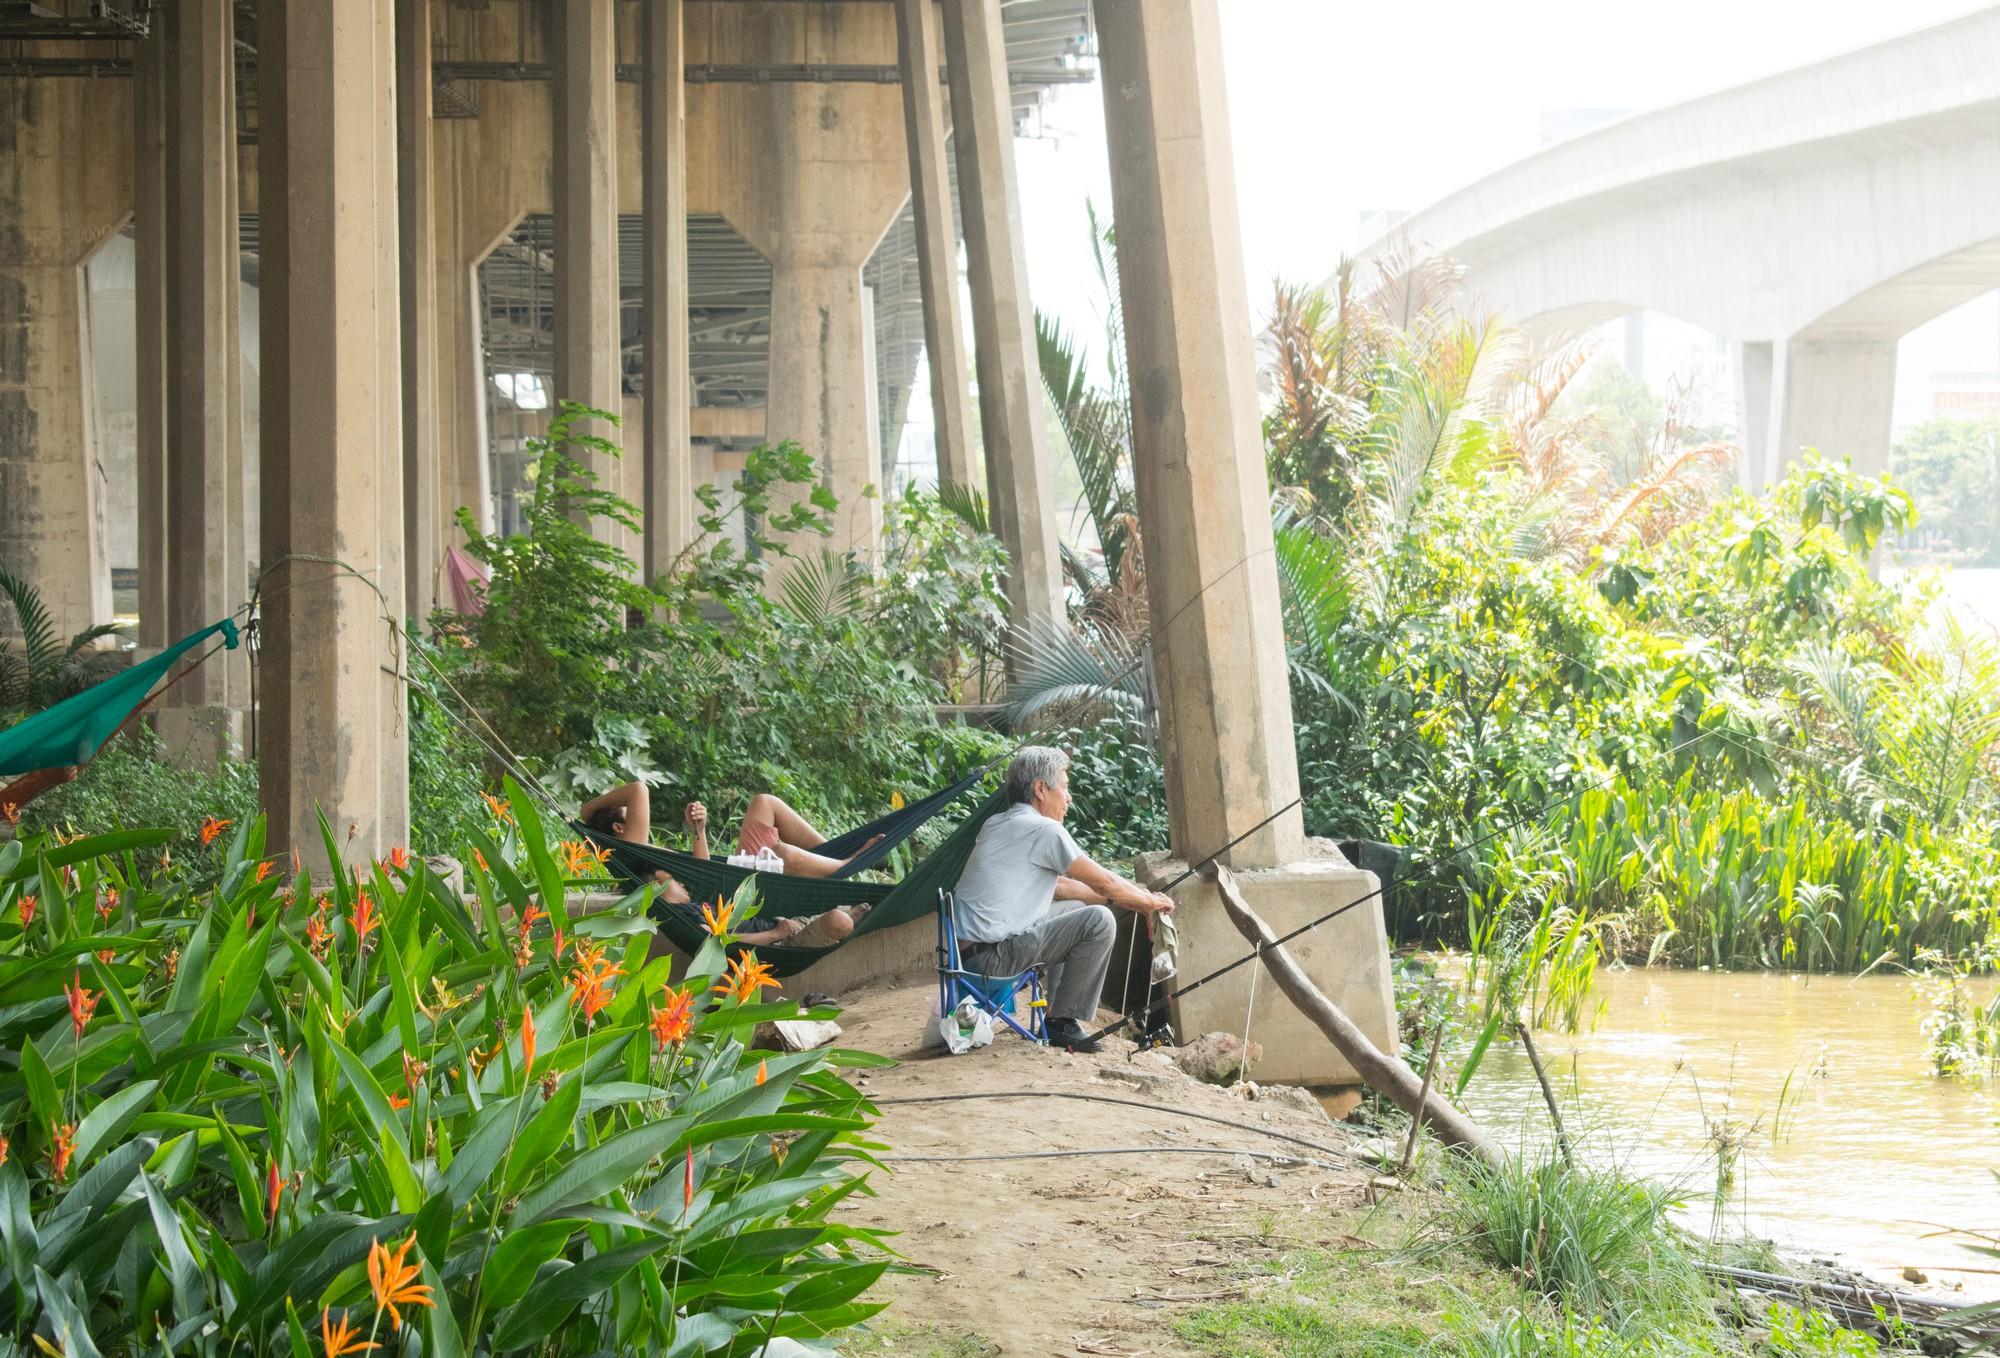 Sài Gòn nóng gần 40 độ C: Người dân xuống gầm cầu mắc võng ngủ trưa - Ảnh 7.